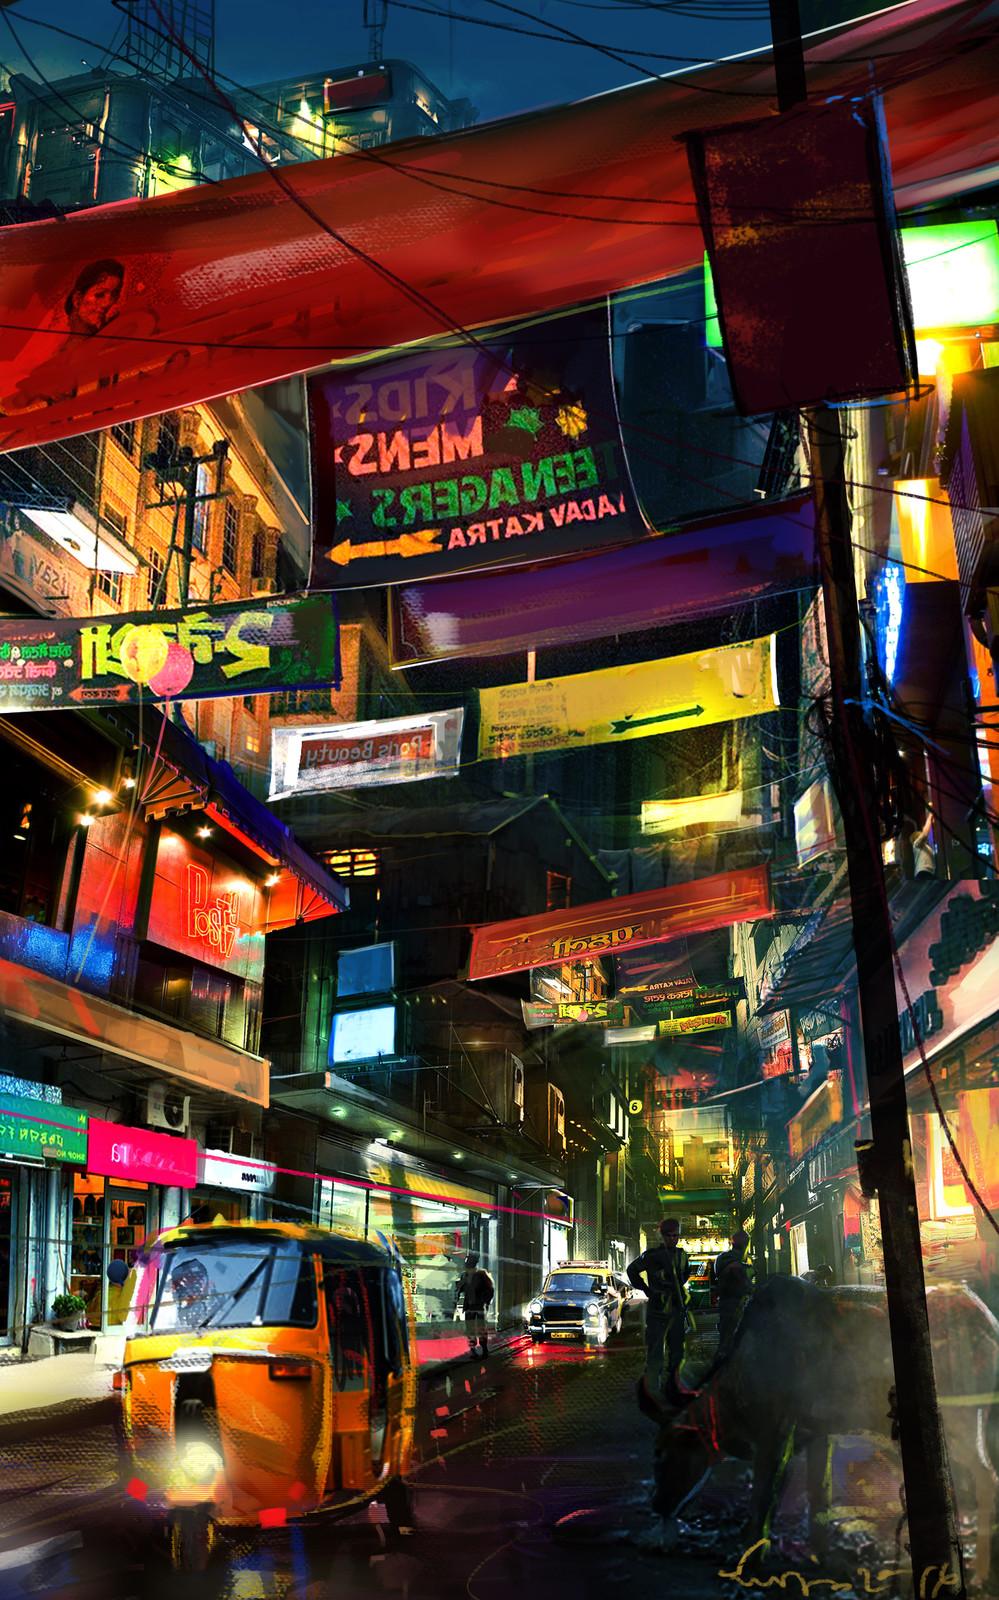 Indian bazaar street